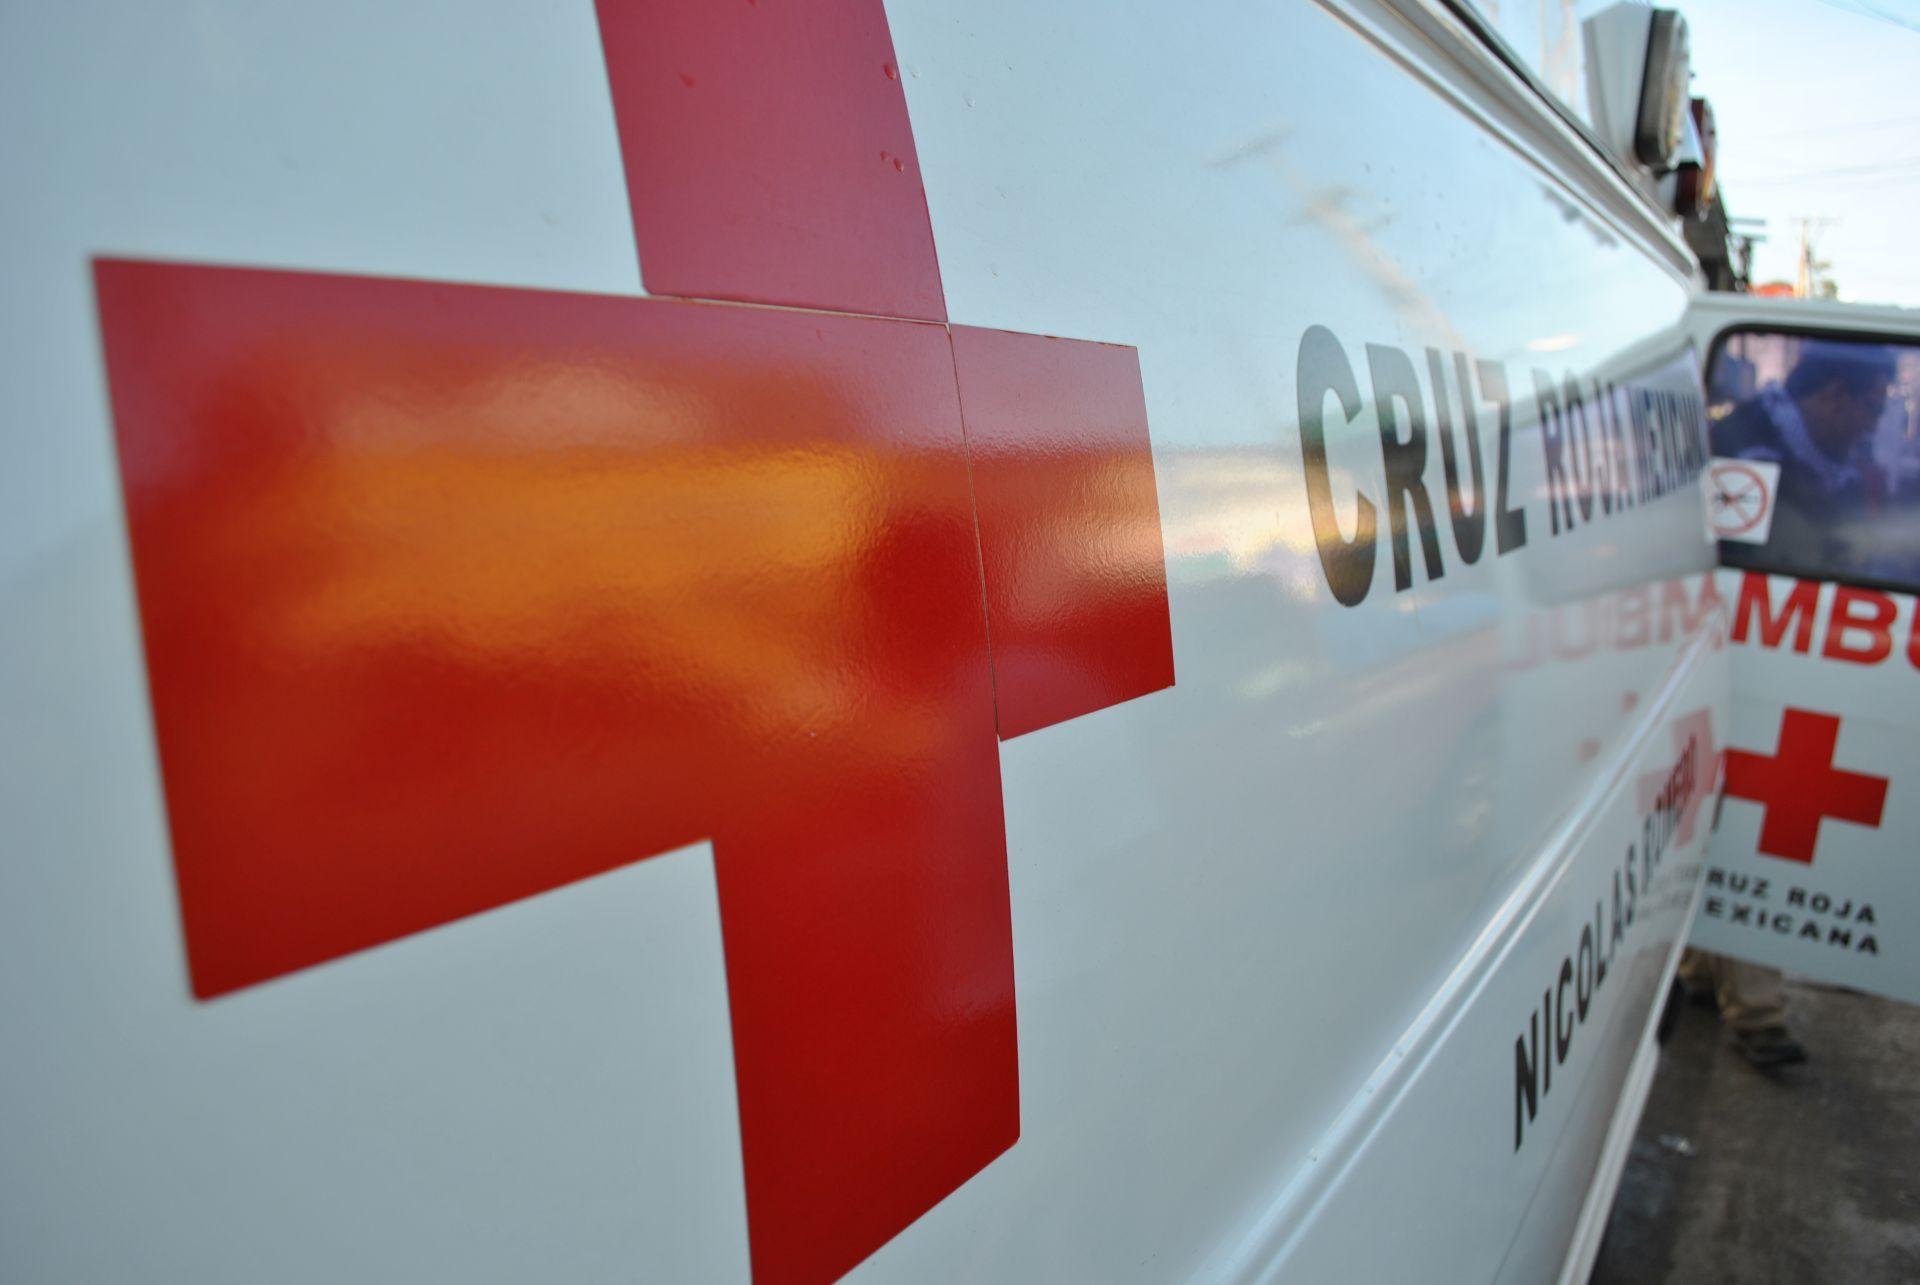 Cruz_Roja_Mexicana_-_Ambulancia